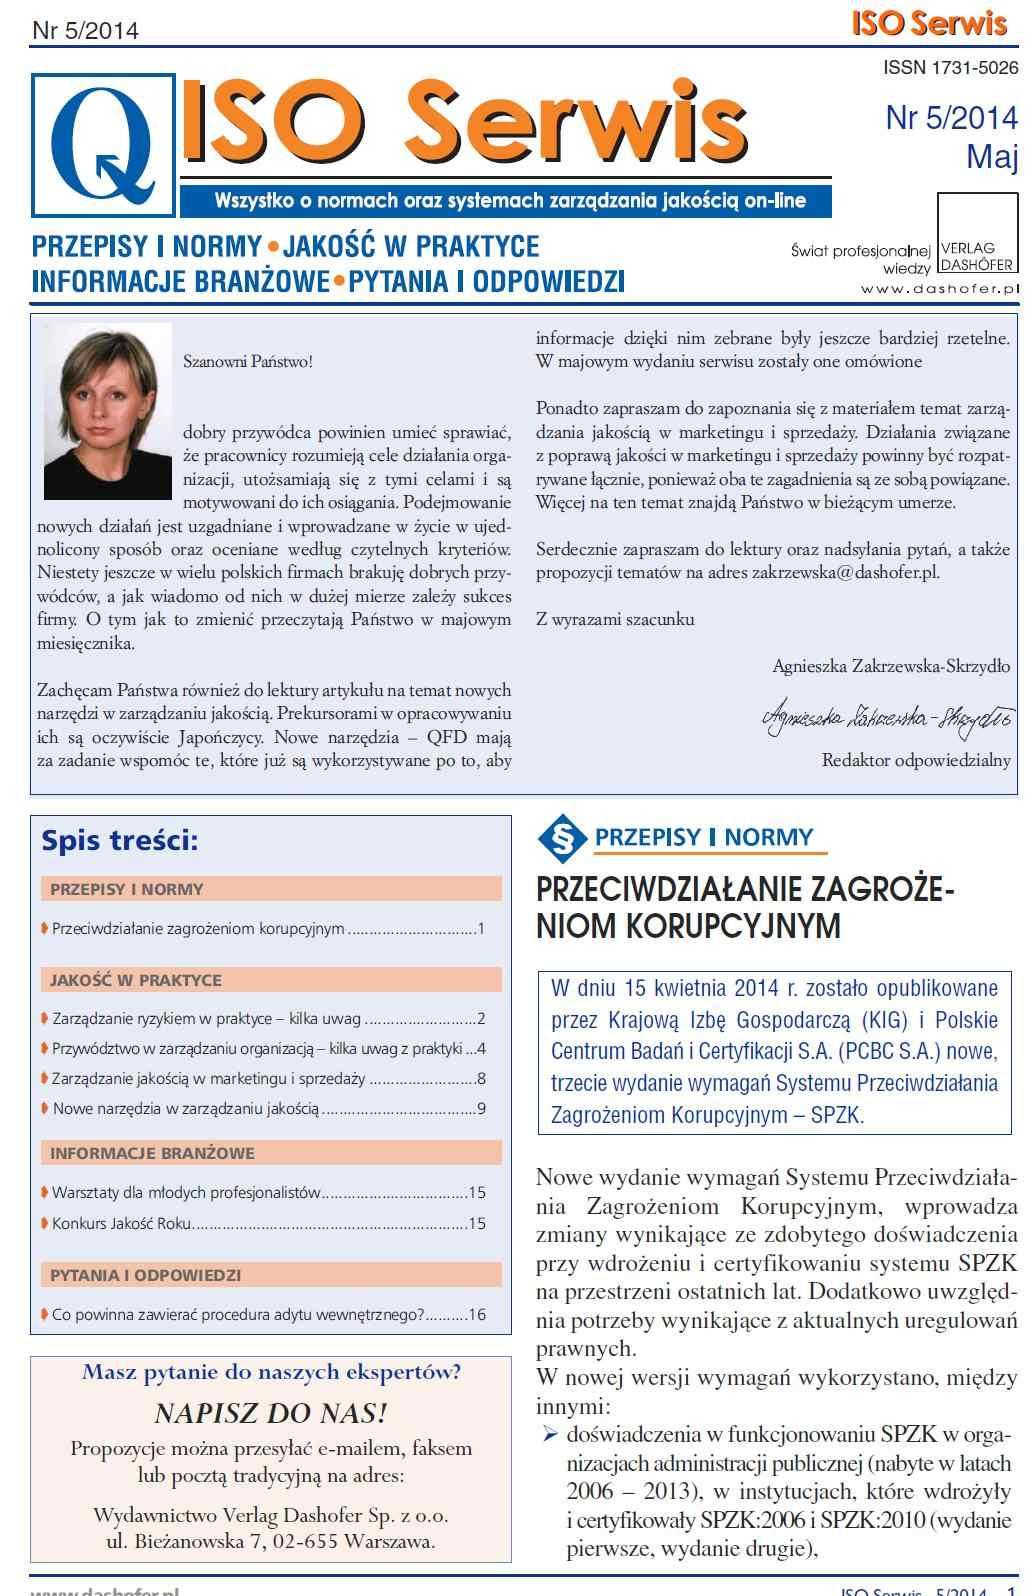 ISO Serwis. Wszystko o normach i systemach zarządzania jakością. Nr 5/2014 - Ebook (Książka PDF) do pobrania w formacie PDF